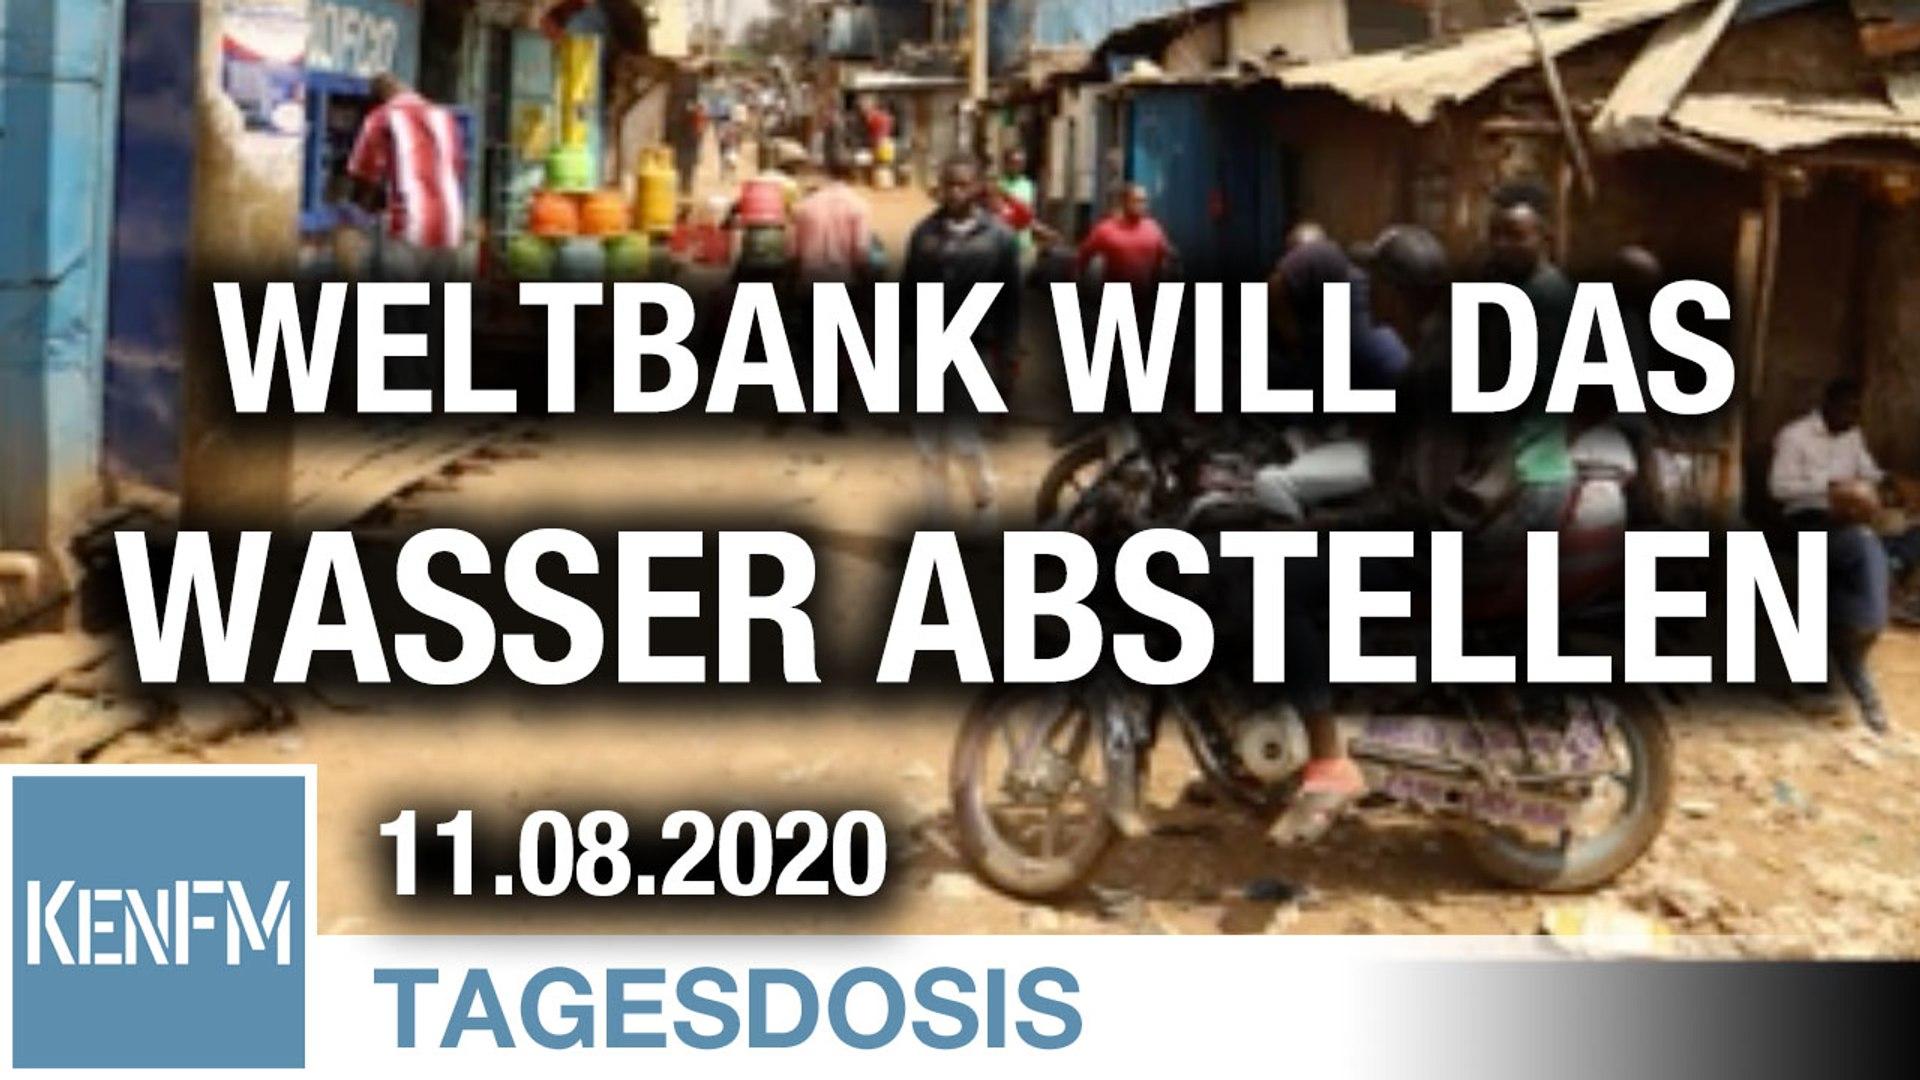 Die Weltbank will, dass inmitten der Pandemie Slumbewohnern das Wasser abgestellt wird | Von Norbert